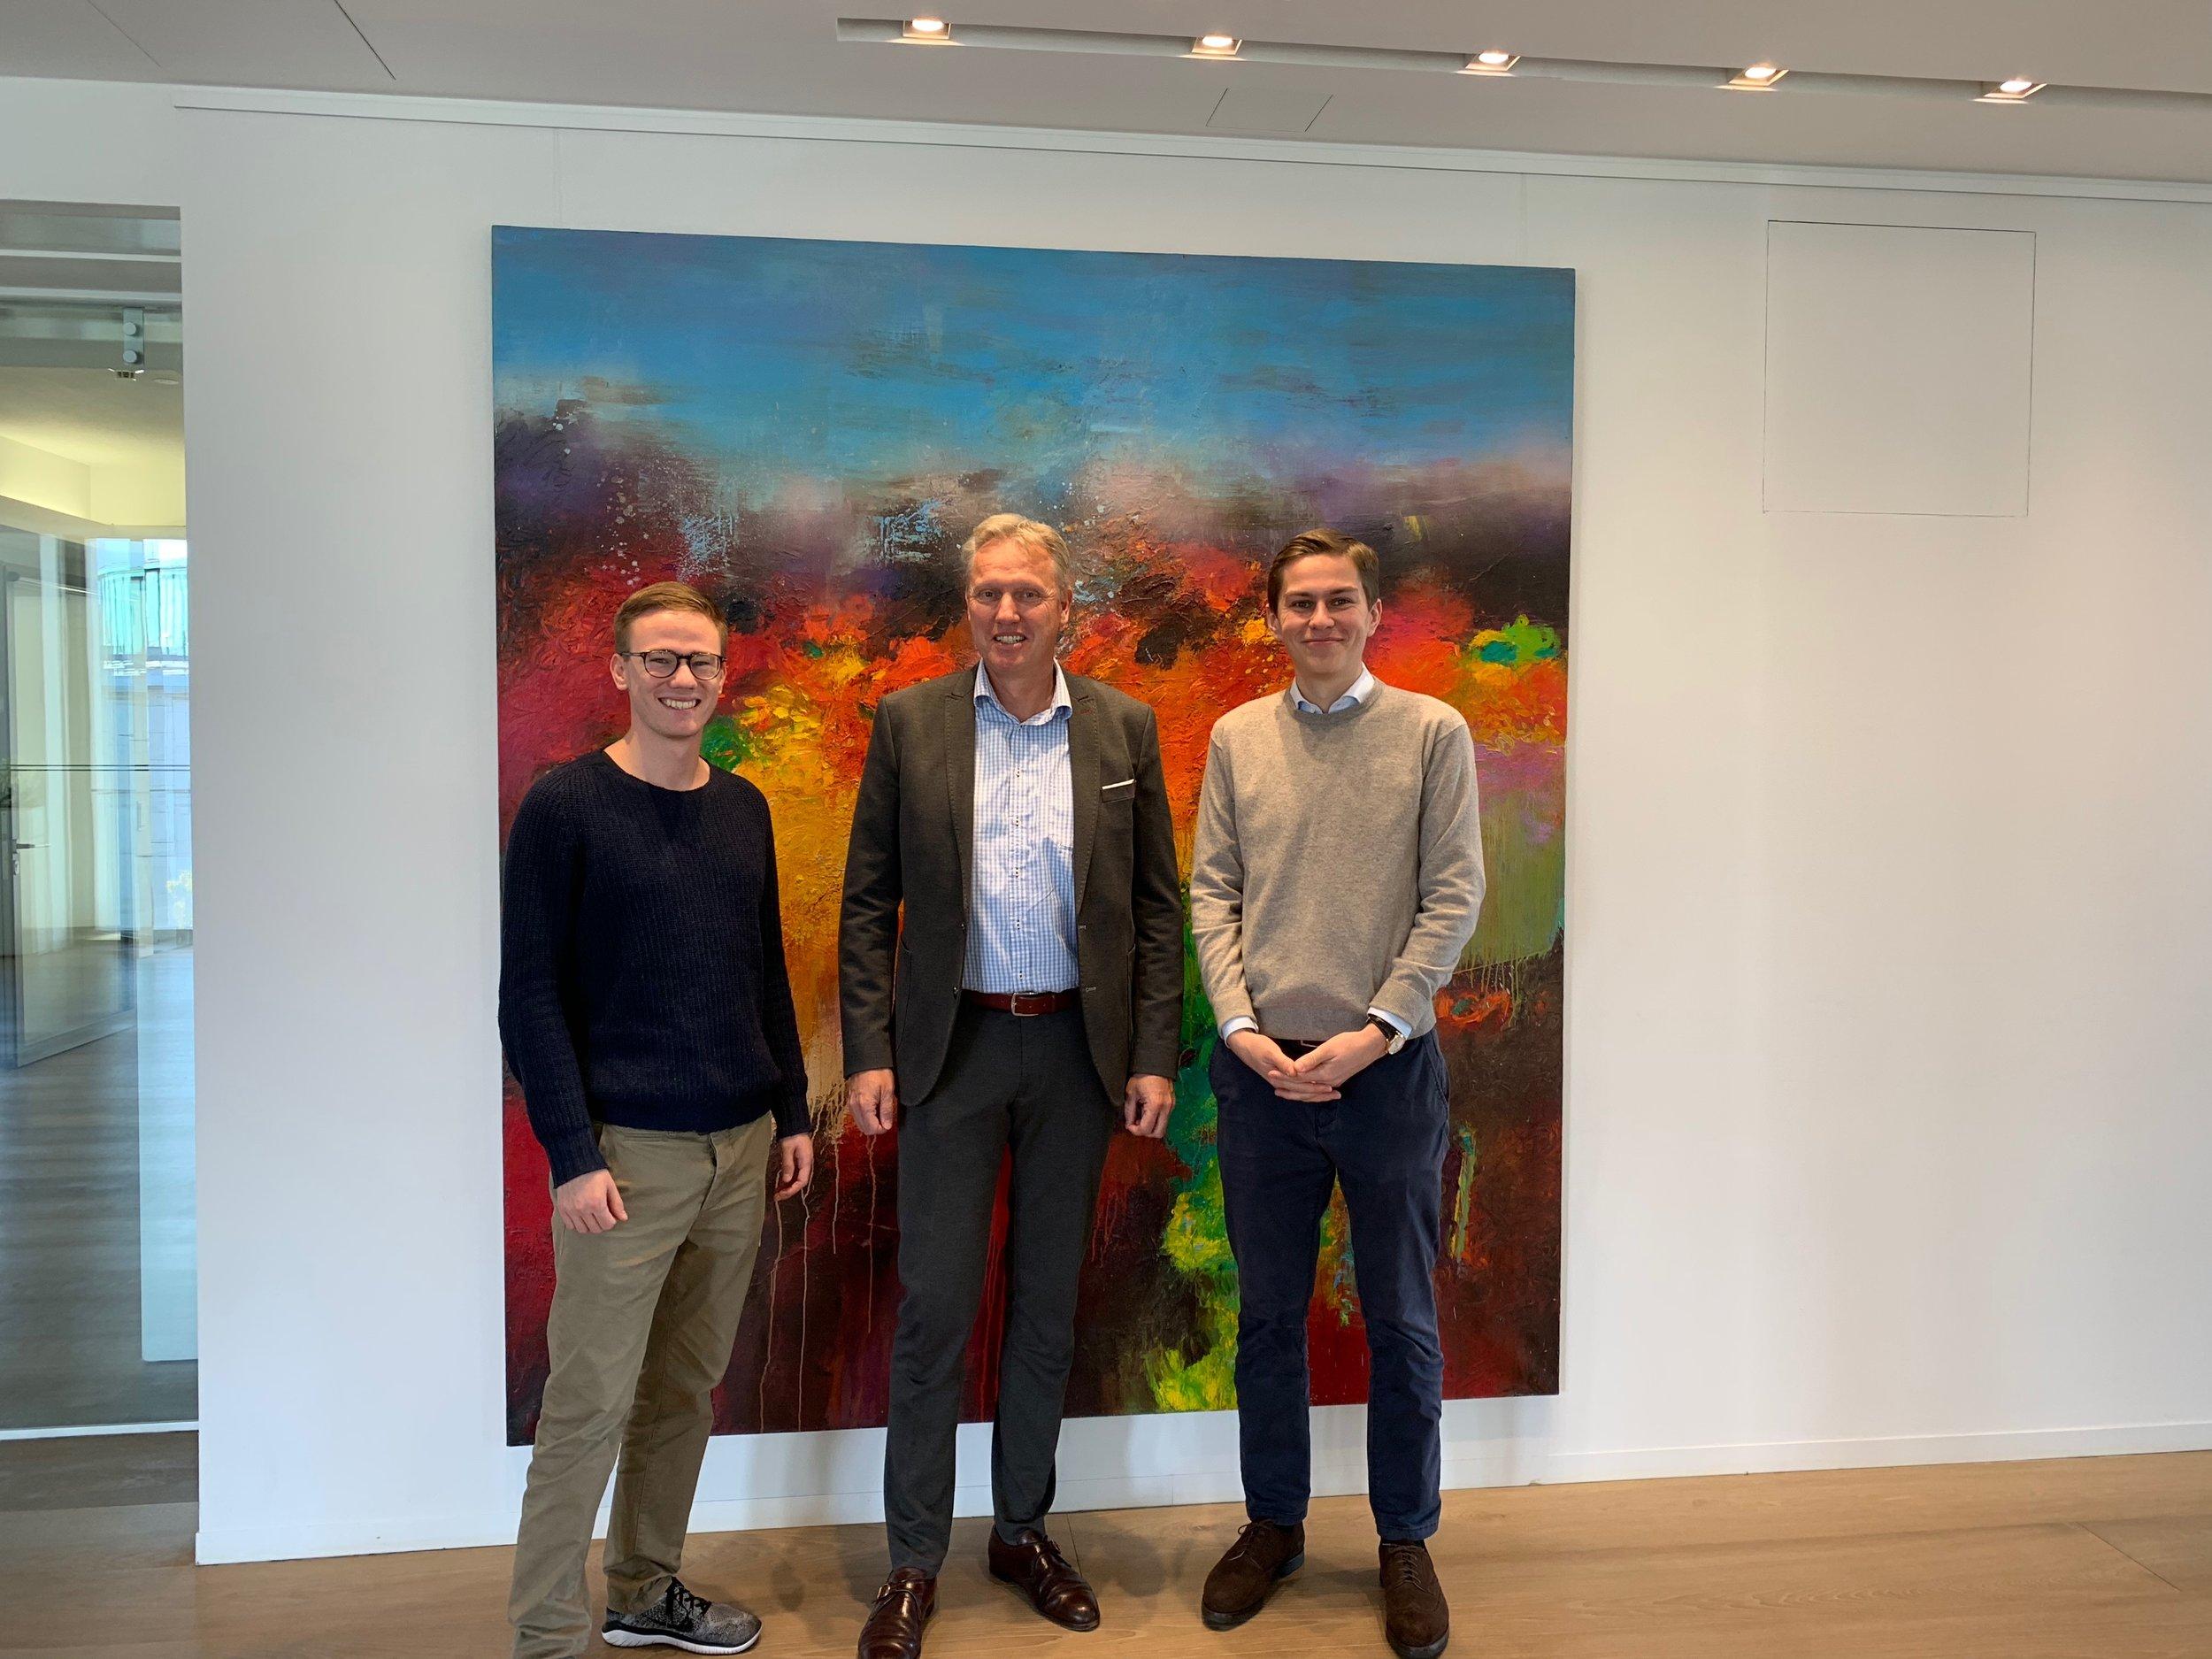 Justus, Herr Konstantin Heitmann und Johannes bei Orrick in Düsseldorf